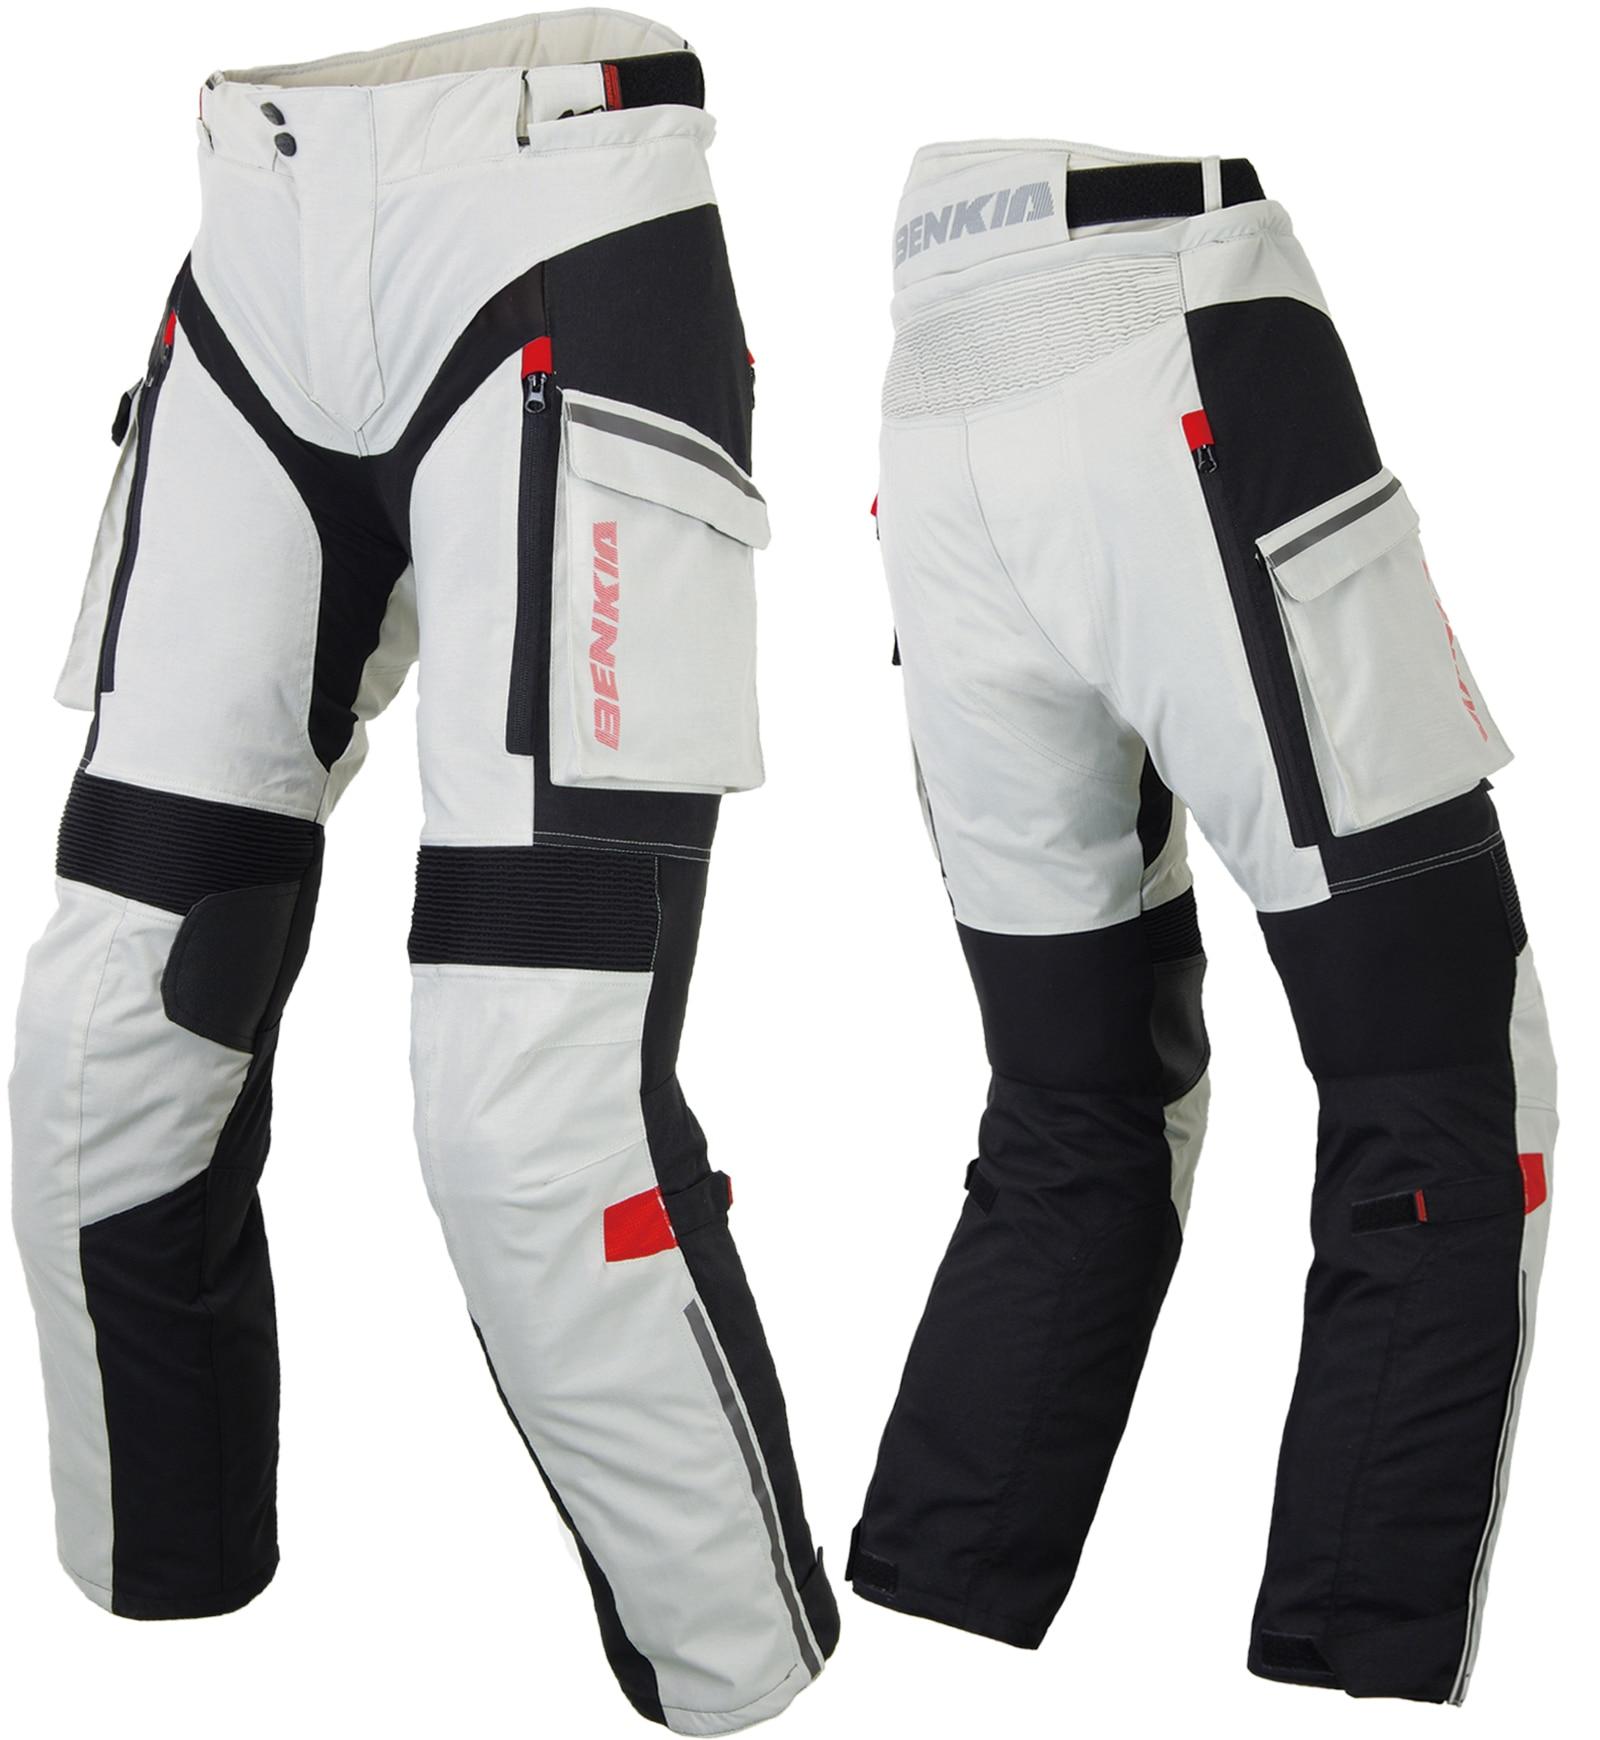 BENKIA Hommes Moto Racing Pantalon D'hiver Rallye Pantalon Avec Amovible Doublure Chaude Off Road Motocross Pantalon Pantalon Moto